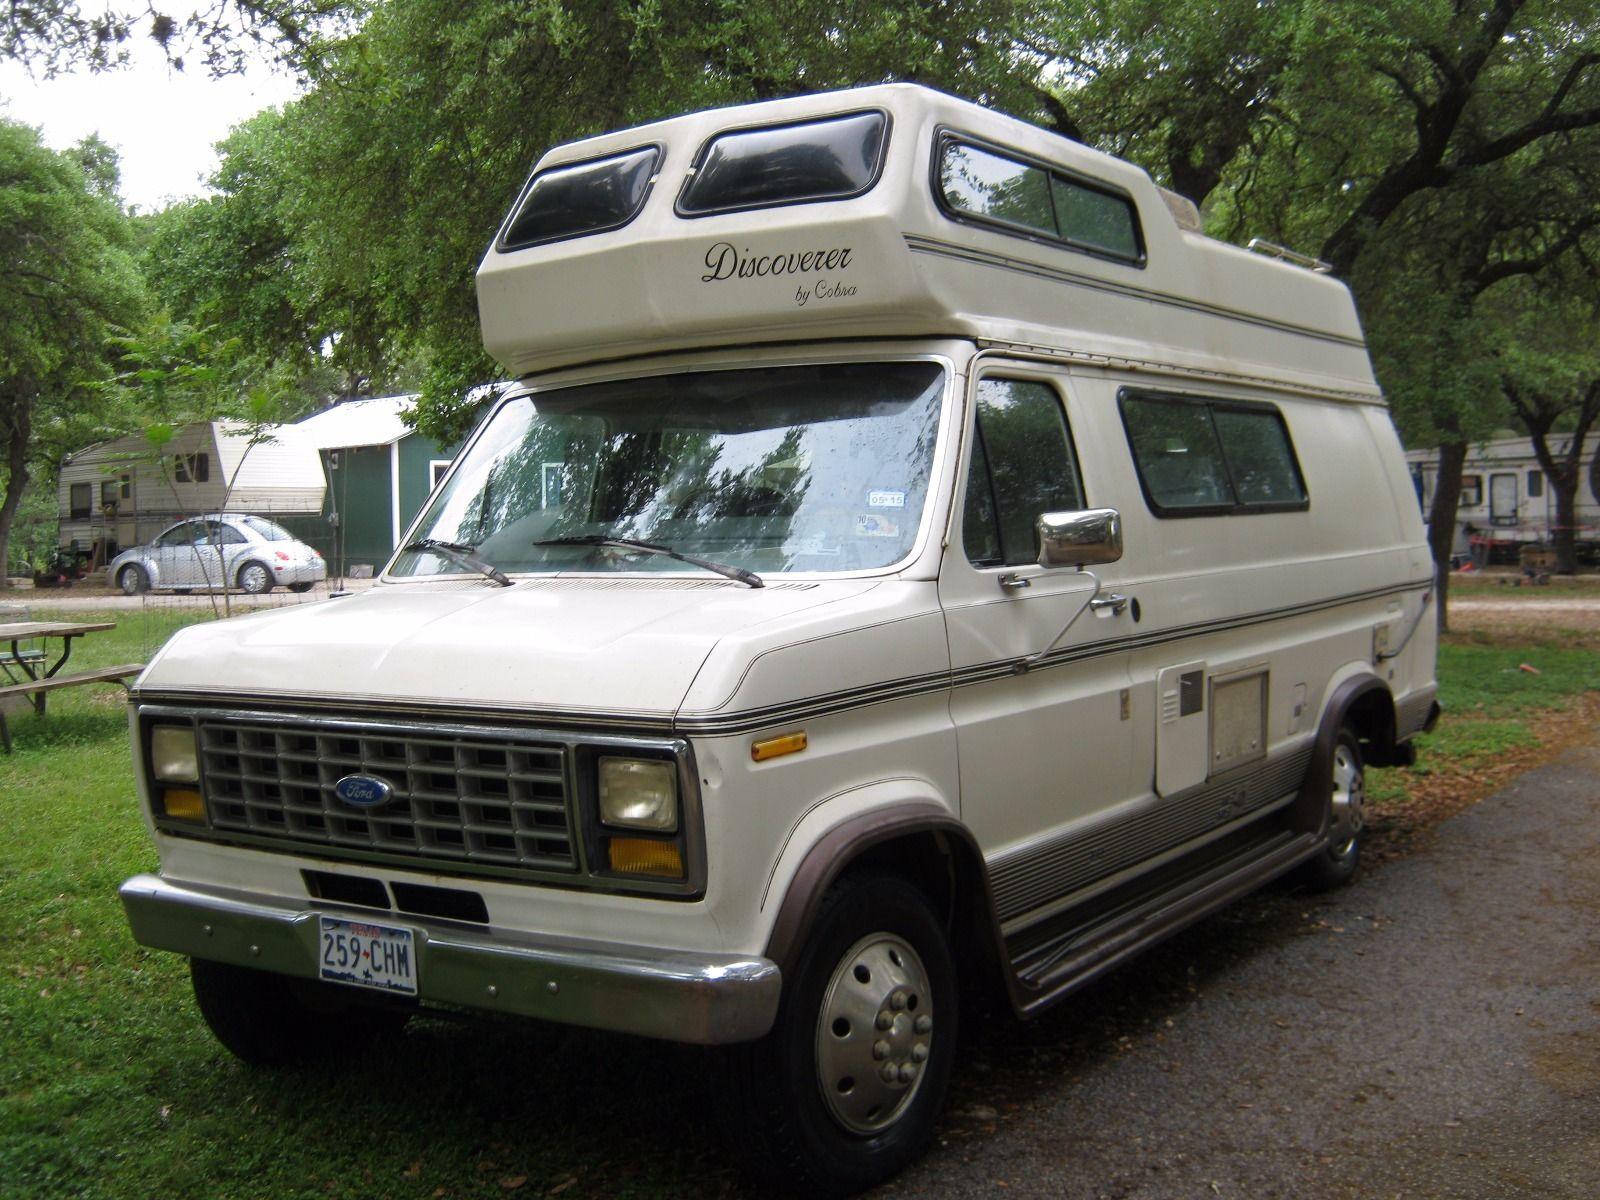 1991 ford e250 discoverer by cobra 19ft camper for sale. Black Bedroom Furniture Sets. Home Design Ideas